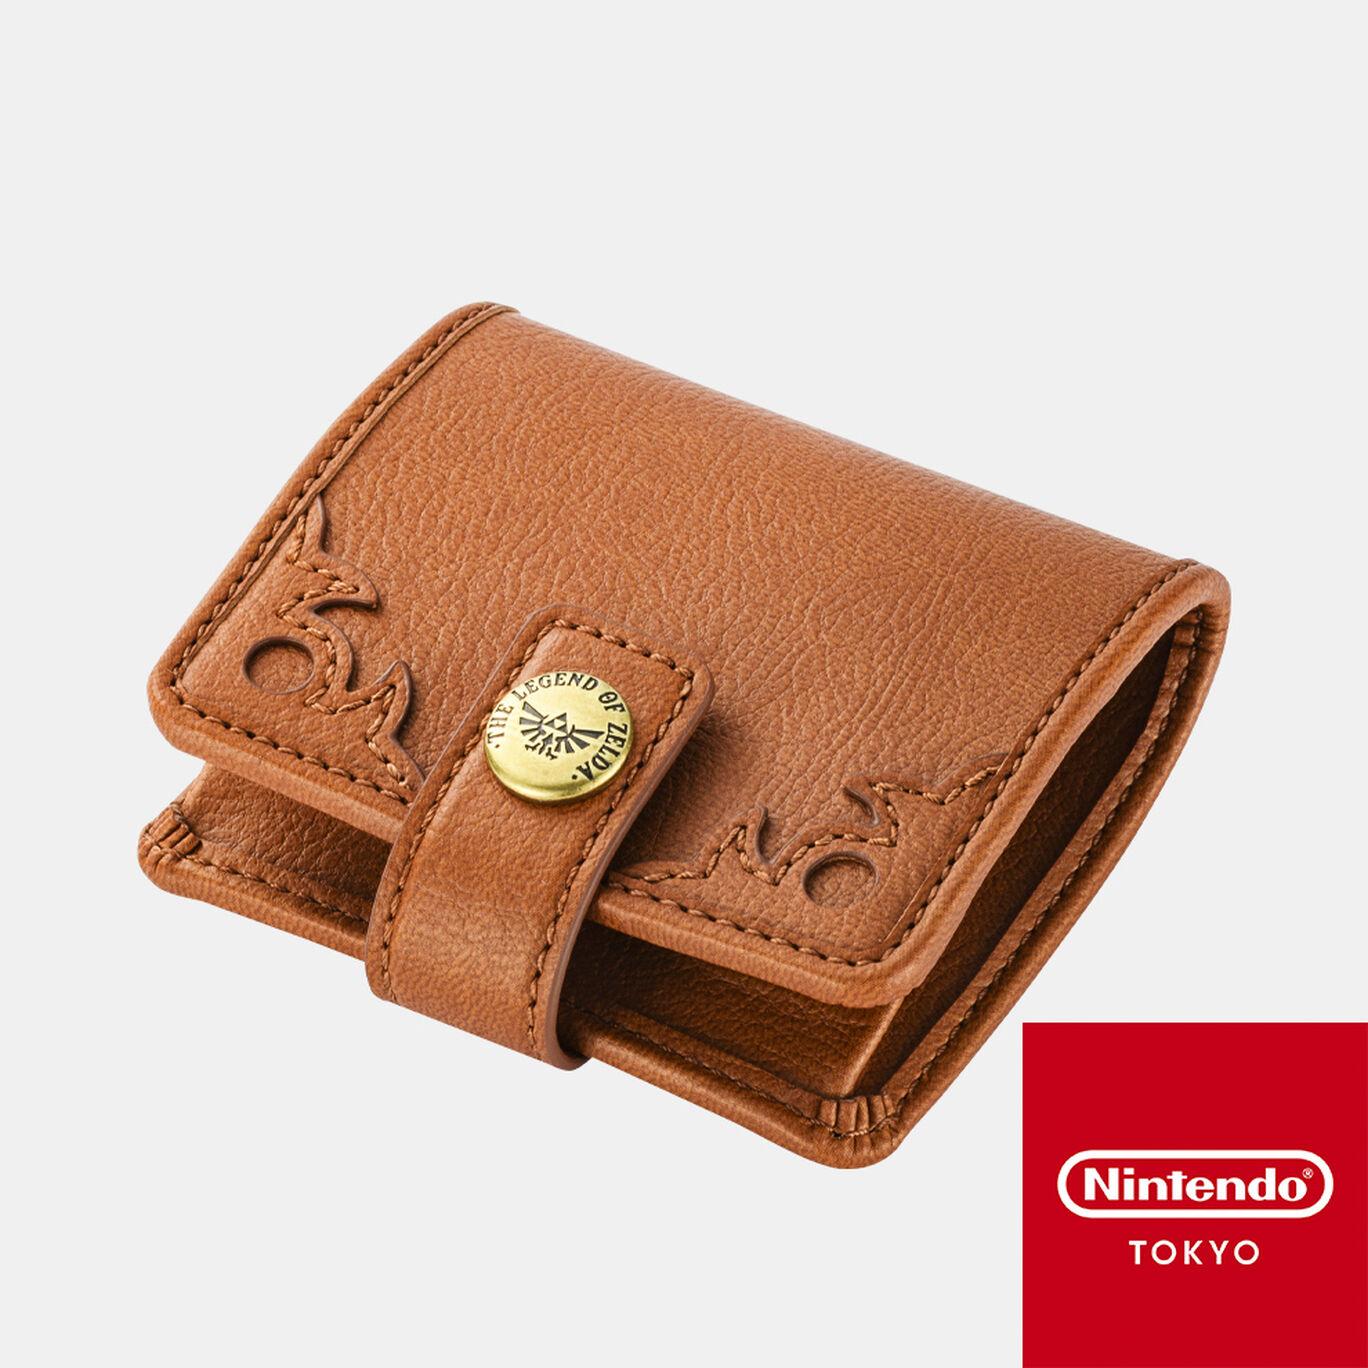 コインケース ゼルダの伝説【Nintendo TOKYO取り扱い商品】